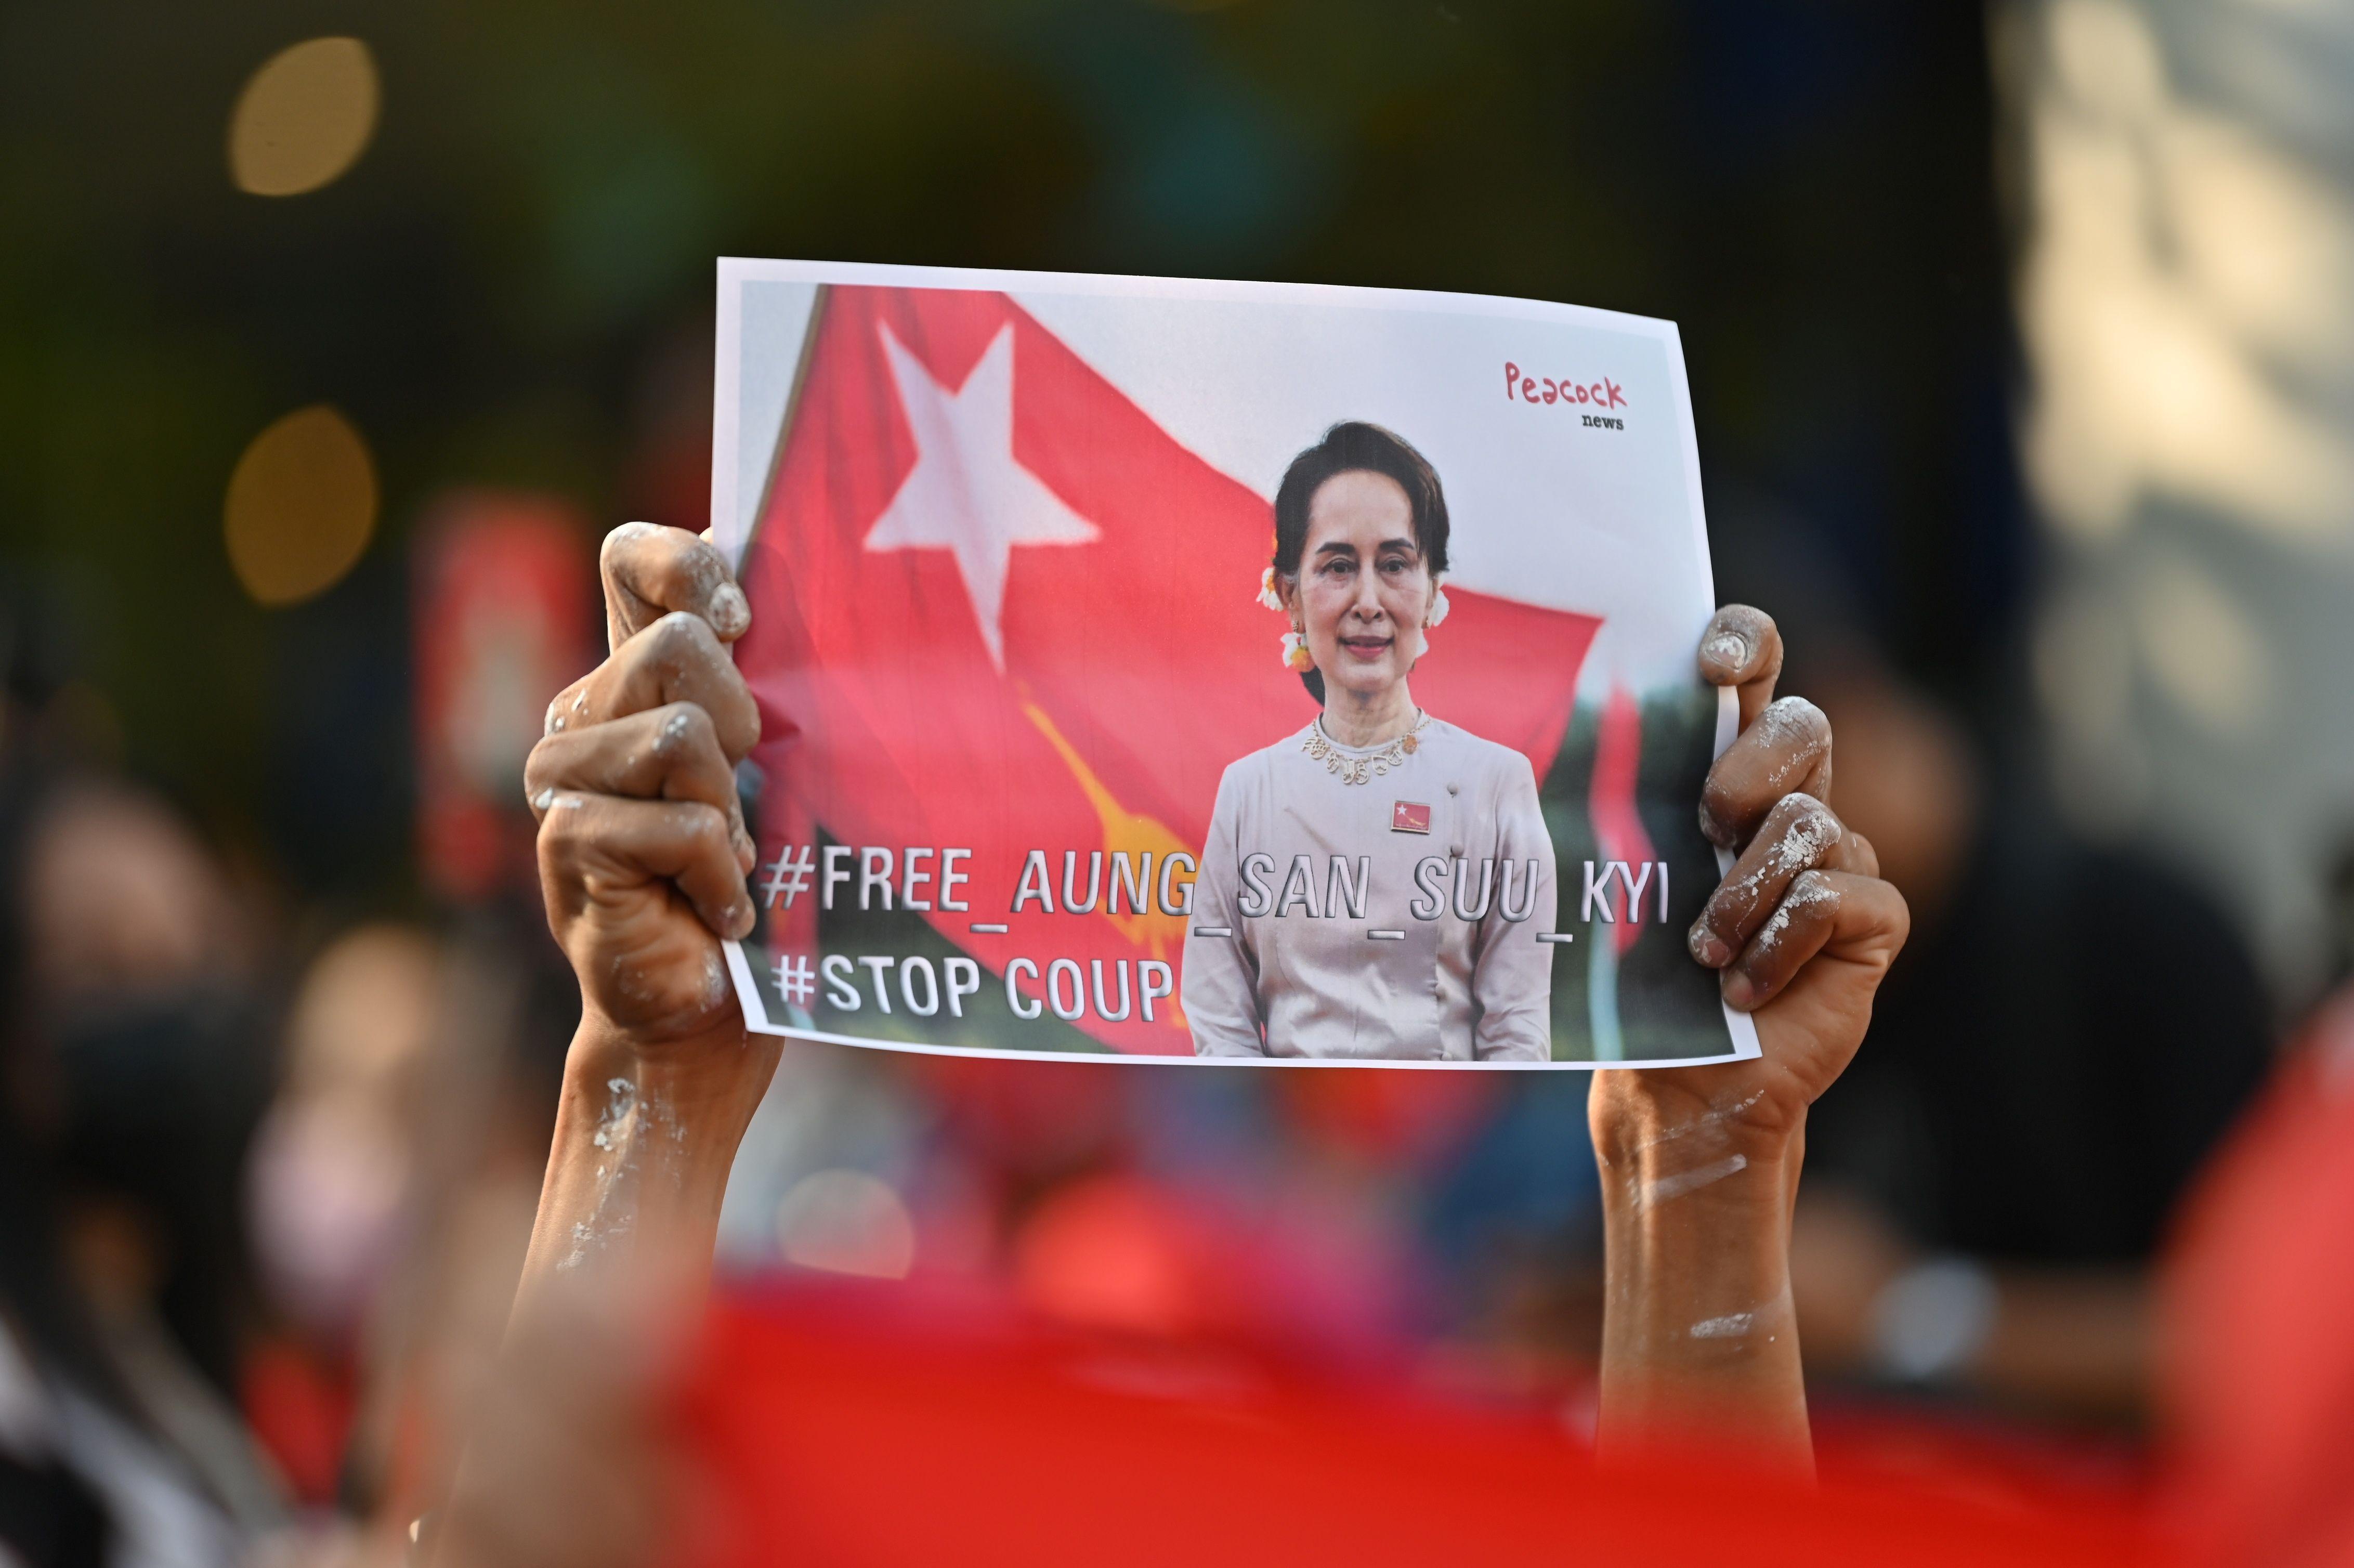 مهاجران برمه ای در طی یک تظاهرات